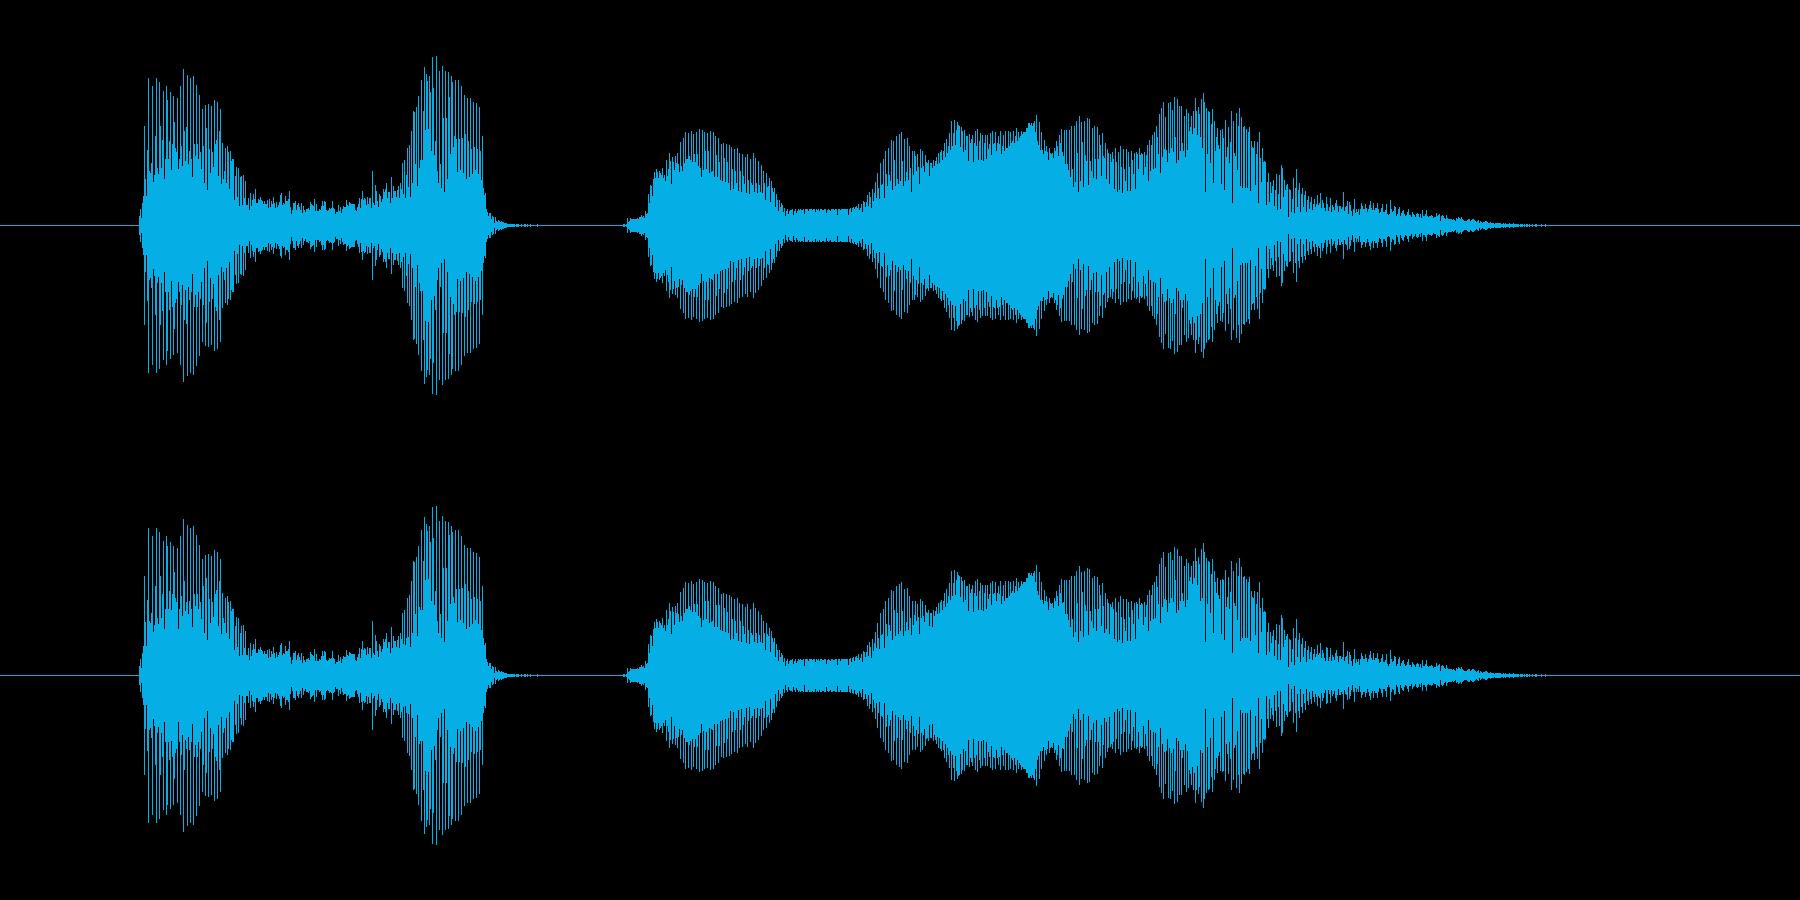 【行事・イベント・挨拶】あ はっぴーに…の再生済みの波形